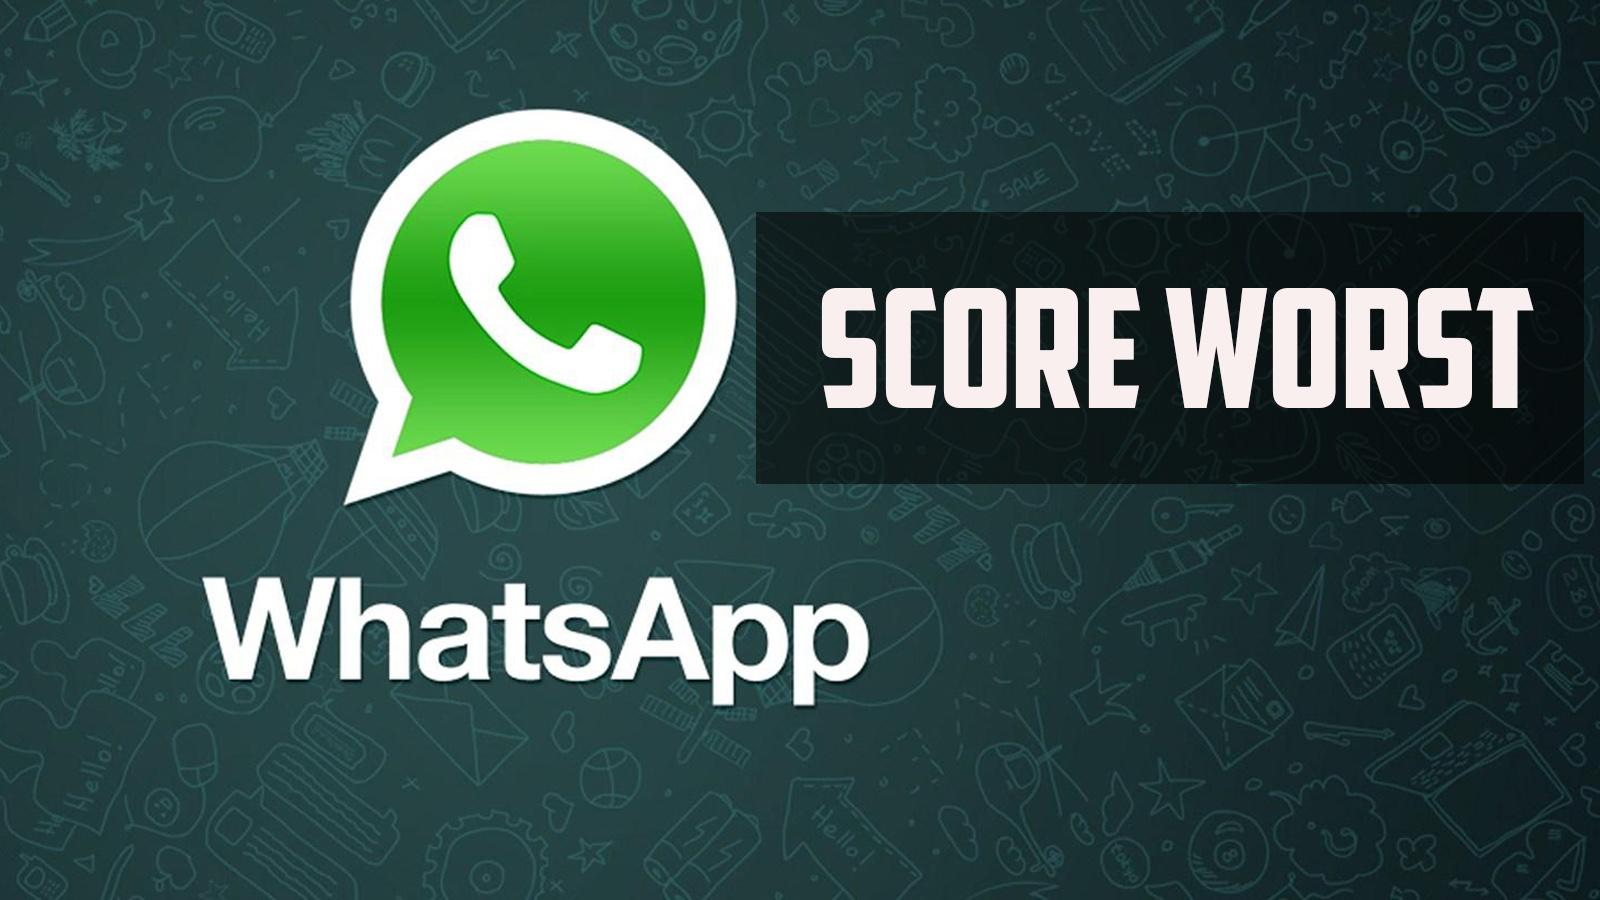 whatsapp worst score